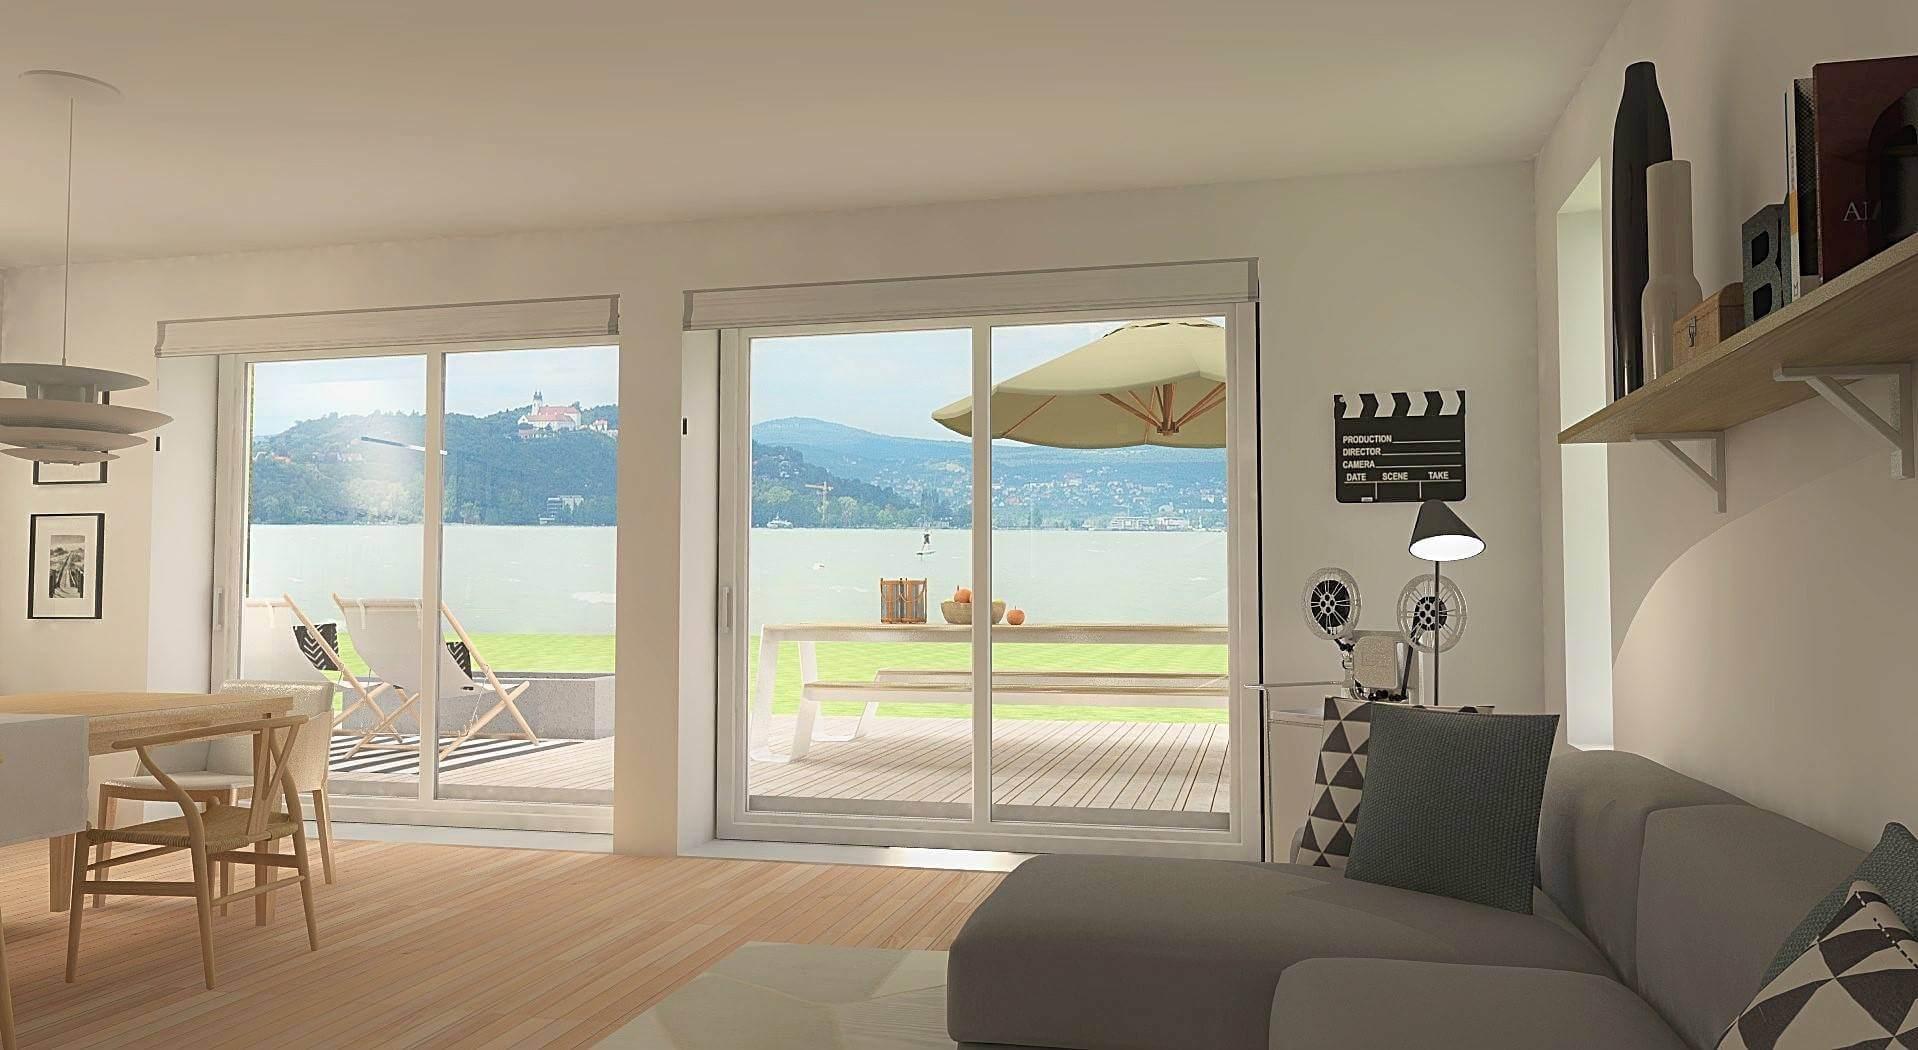 Balatoni álomnyaraló tihanyi panorámával, pár lépésre a vízparttól